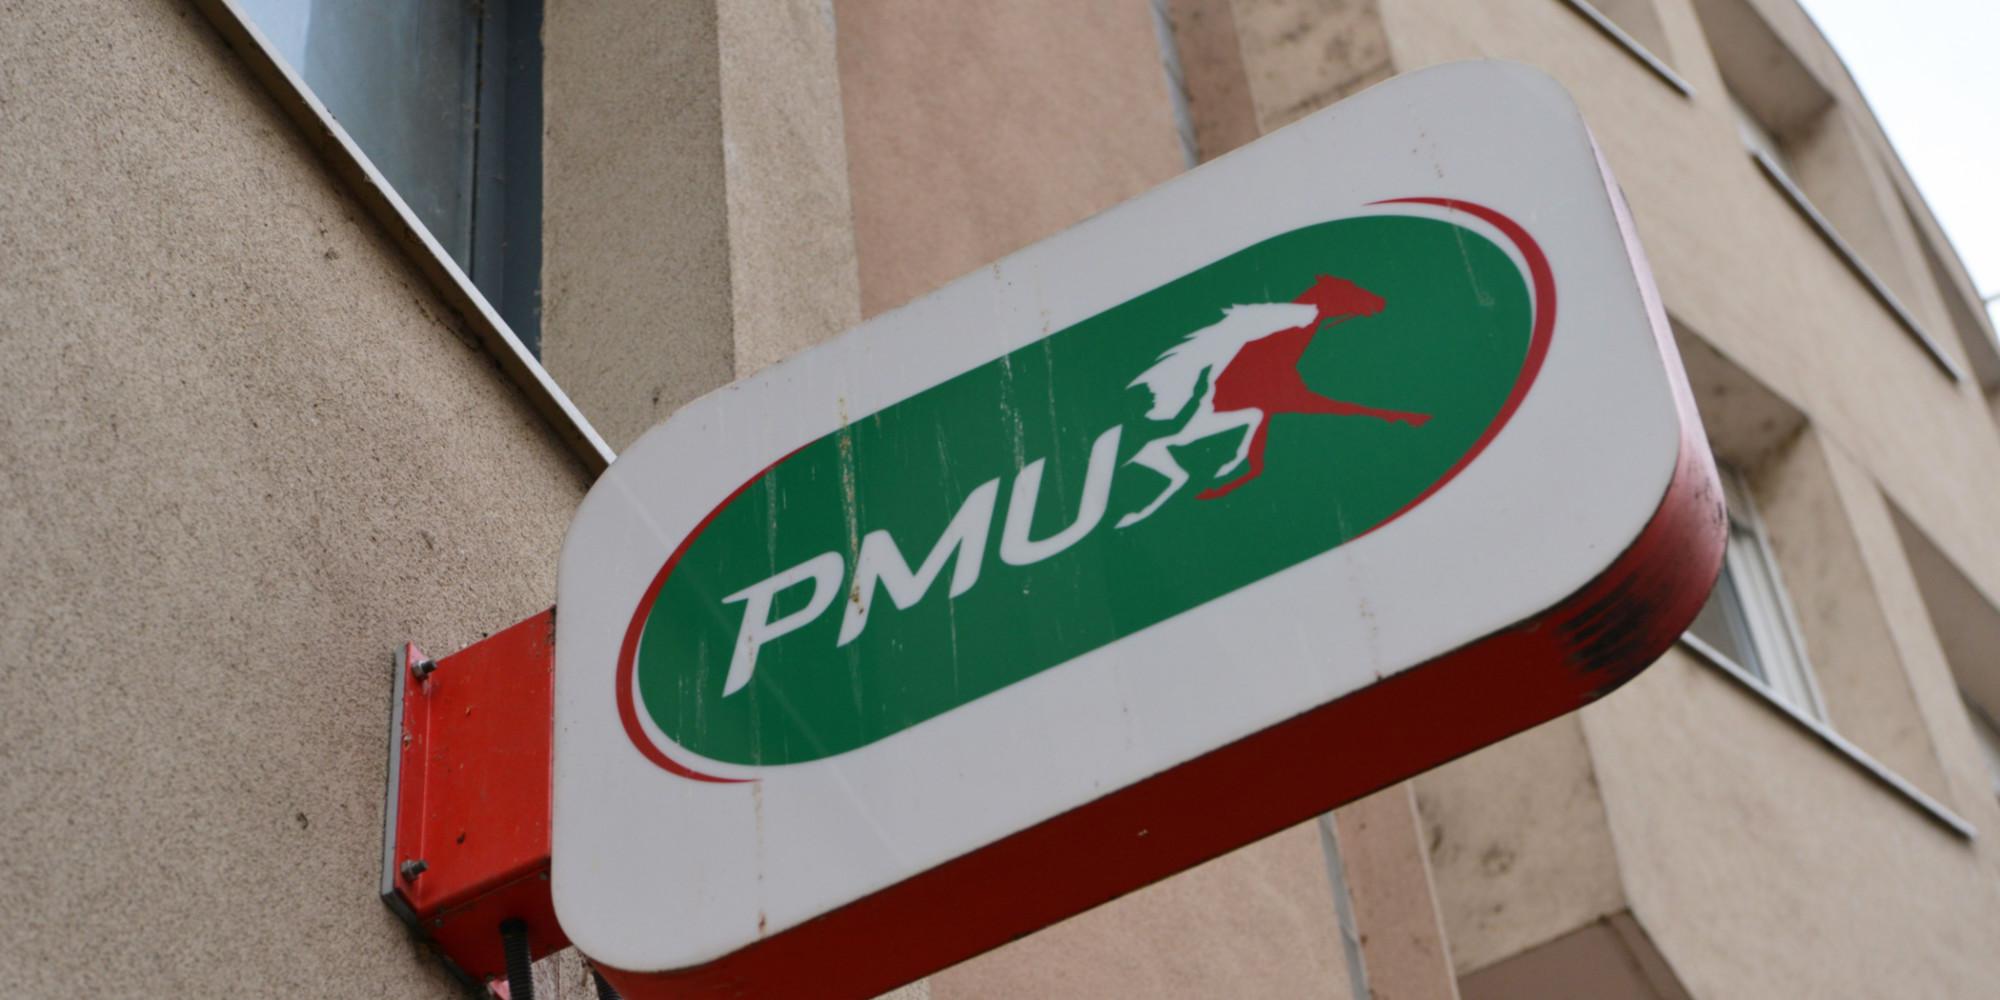 Qu'est-ce que le PMU?